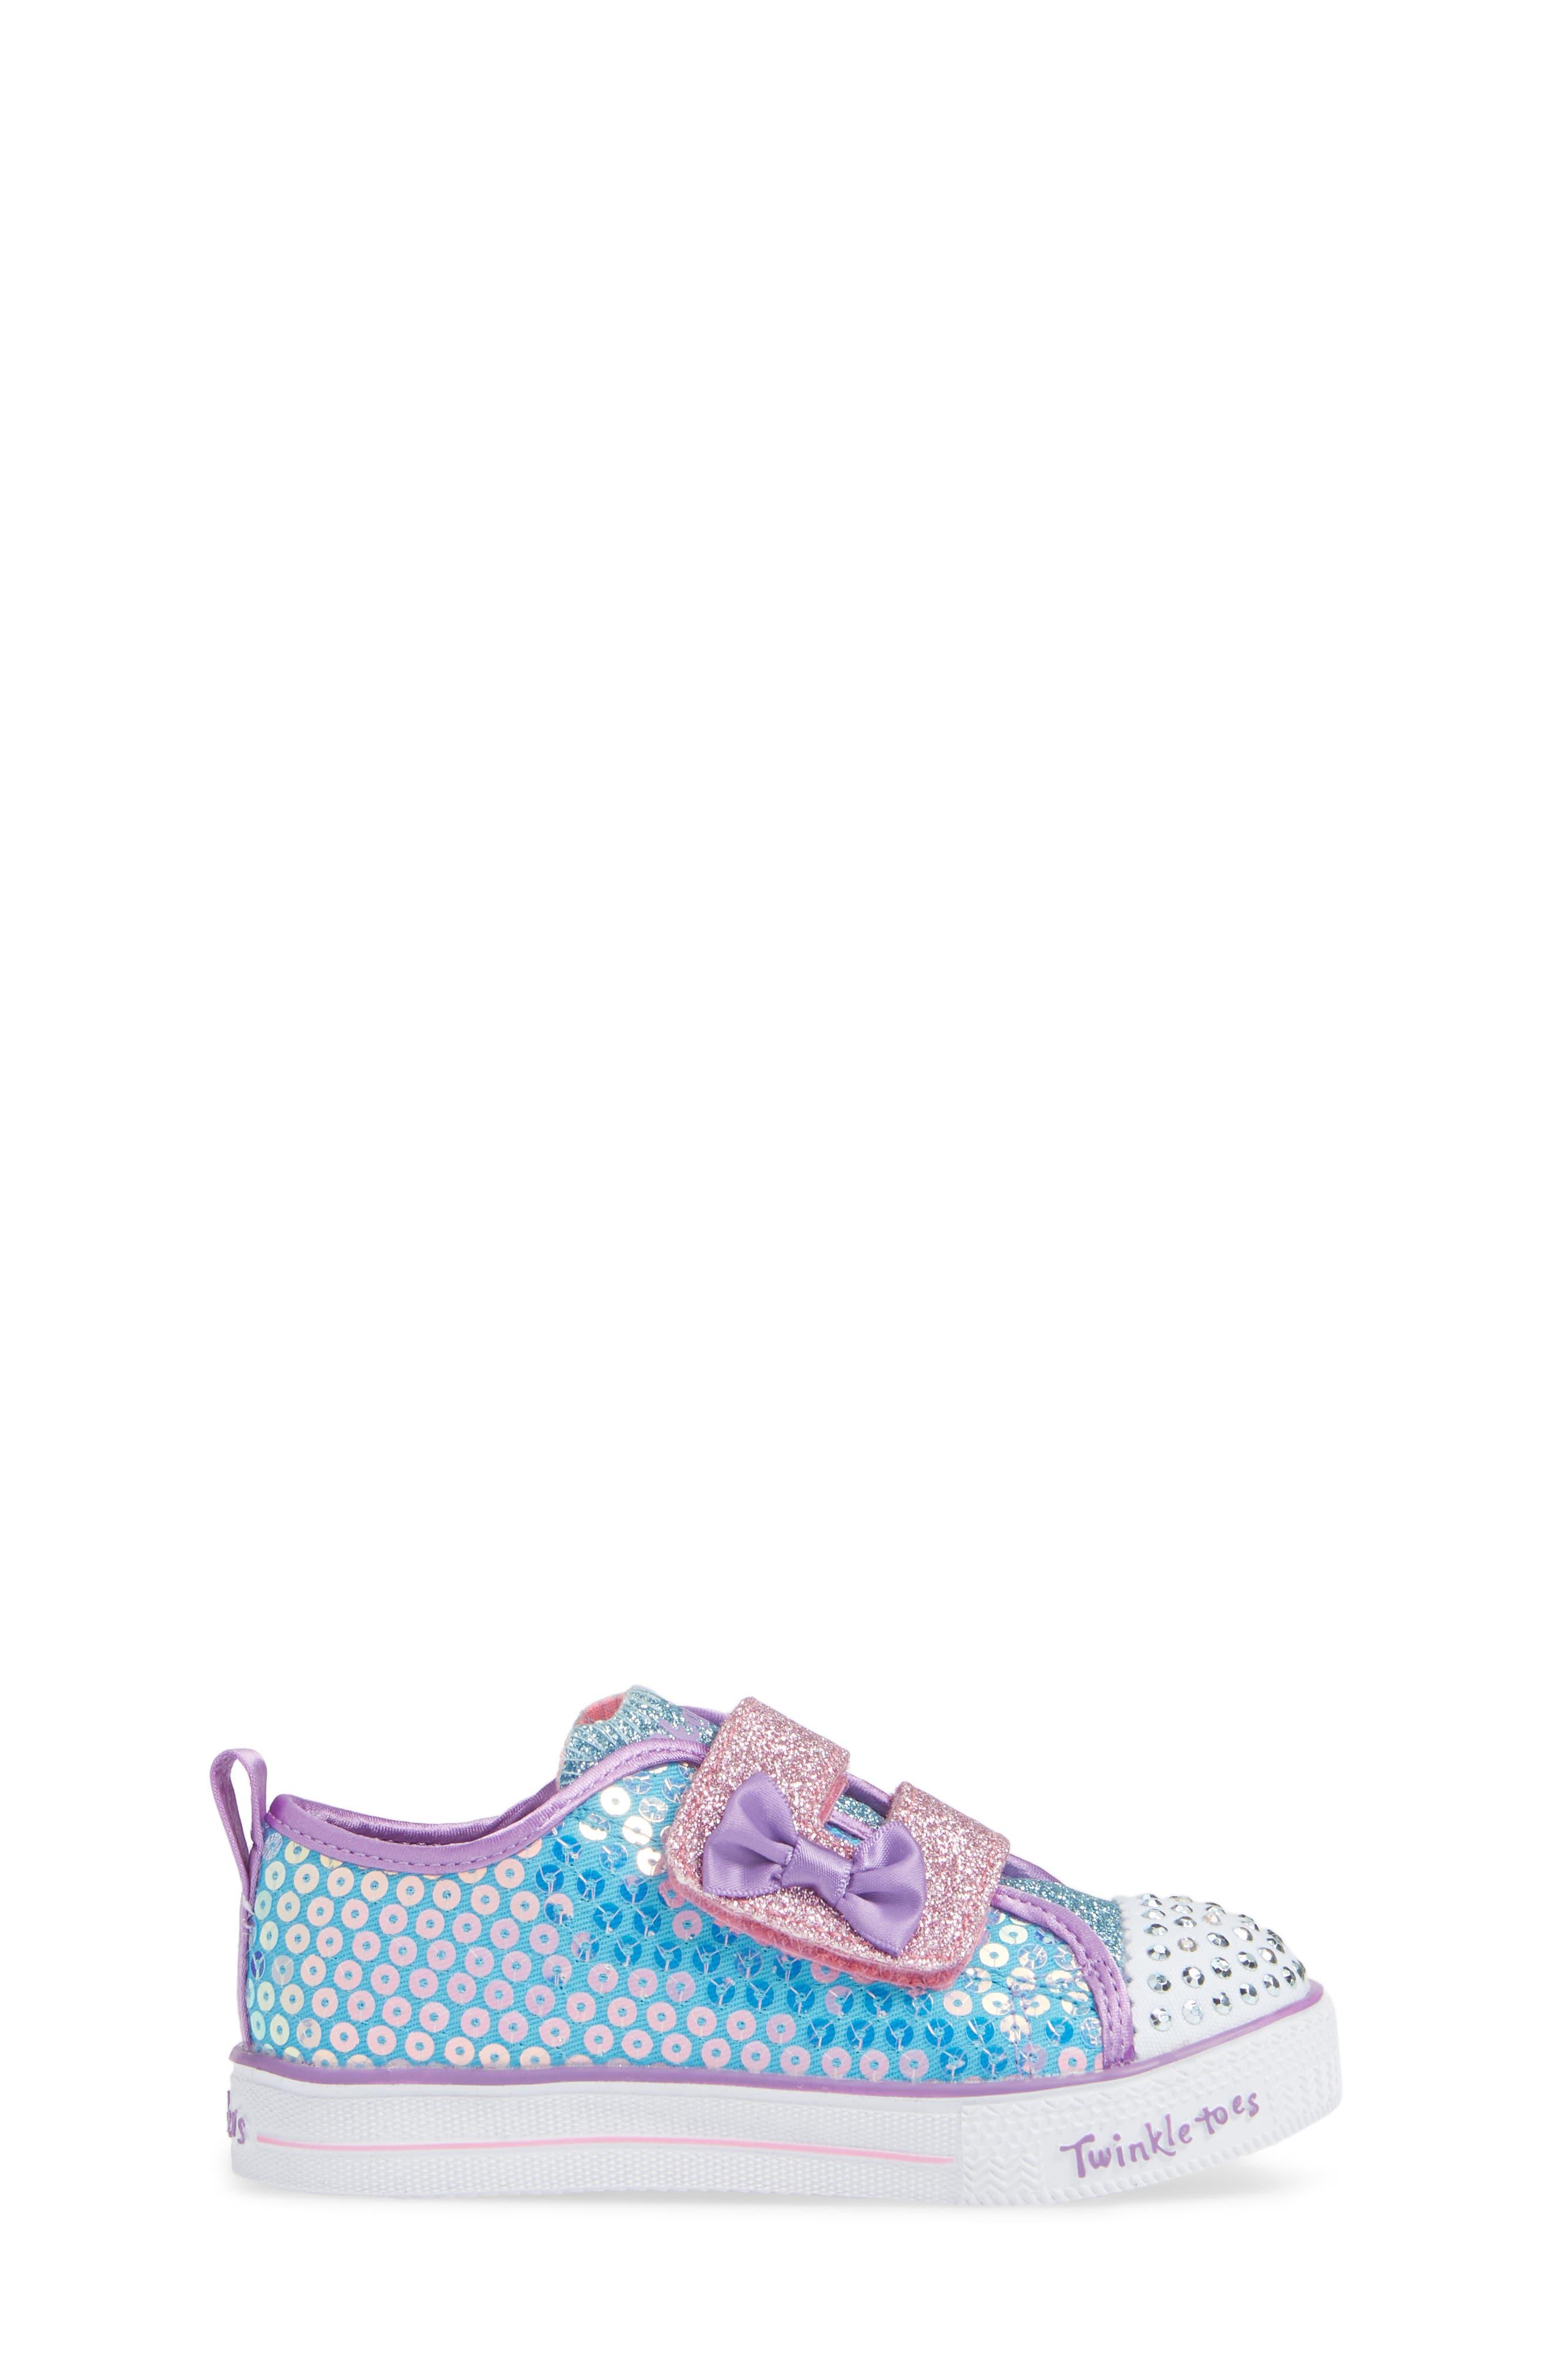 Shuffle Lite Glitter Sneaker,                             Alternate thumbnail 3, color,                             TURQUOISE/MULTI